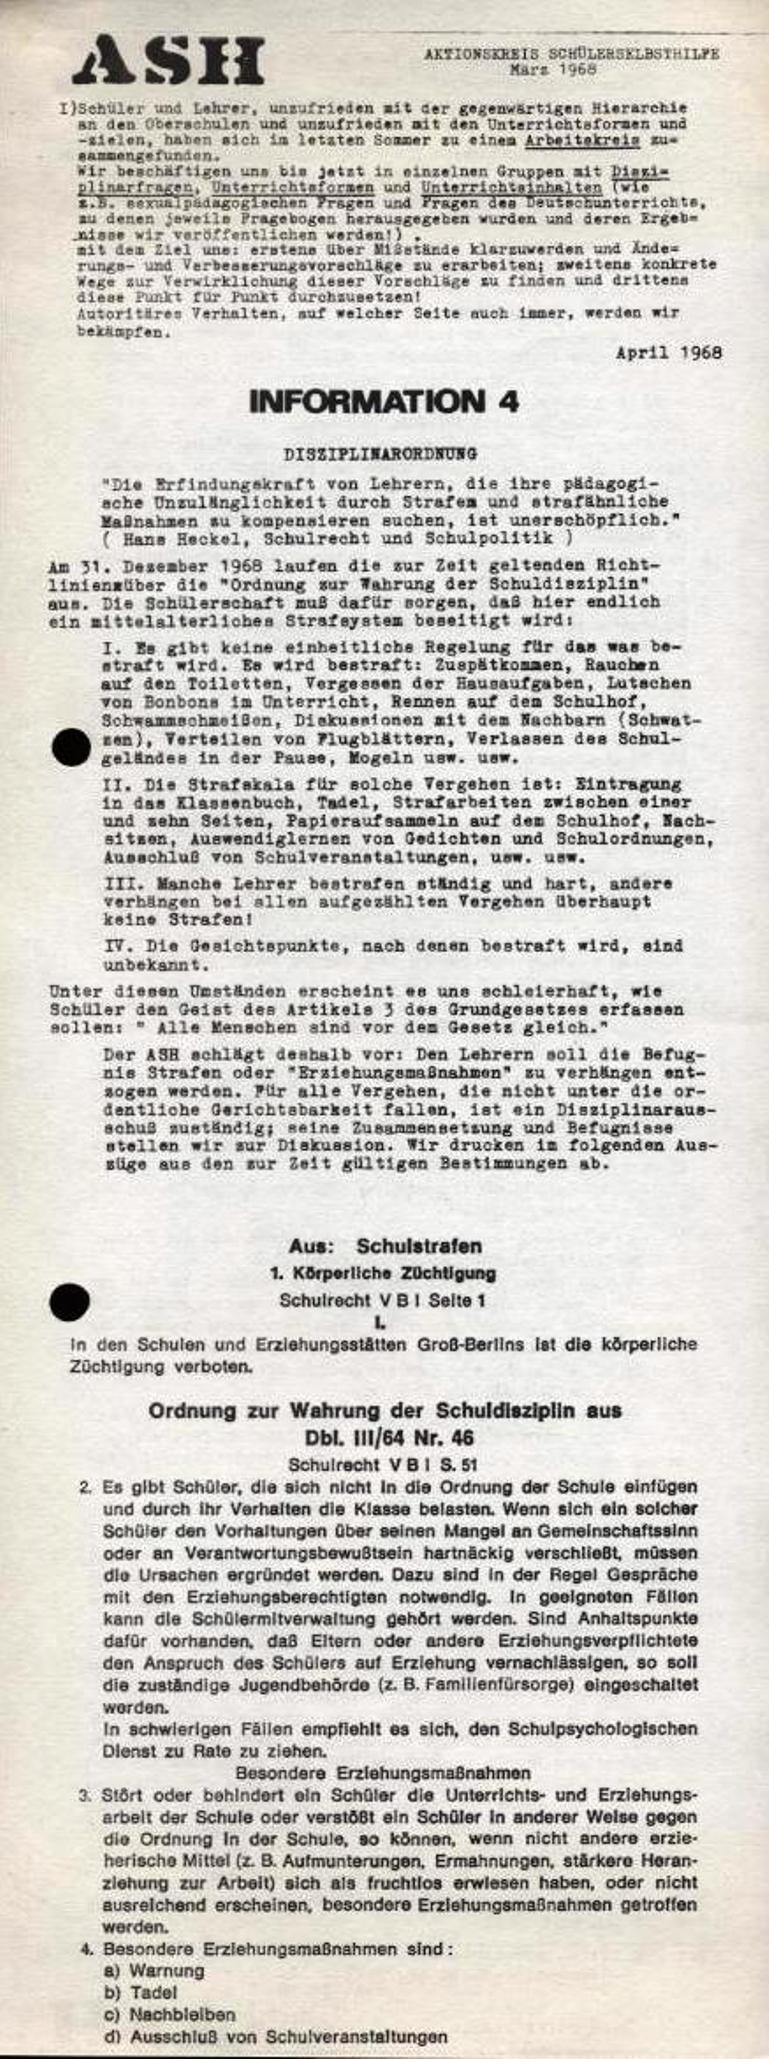 ASH, März 1968, Nr. 4, Seite 1